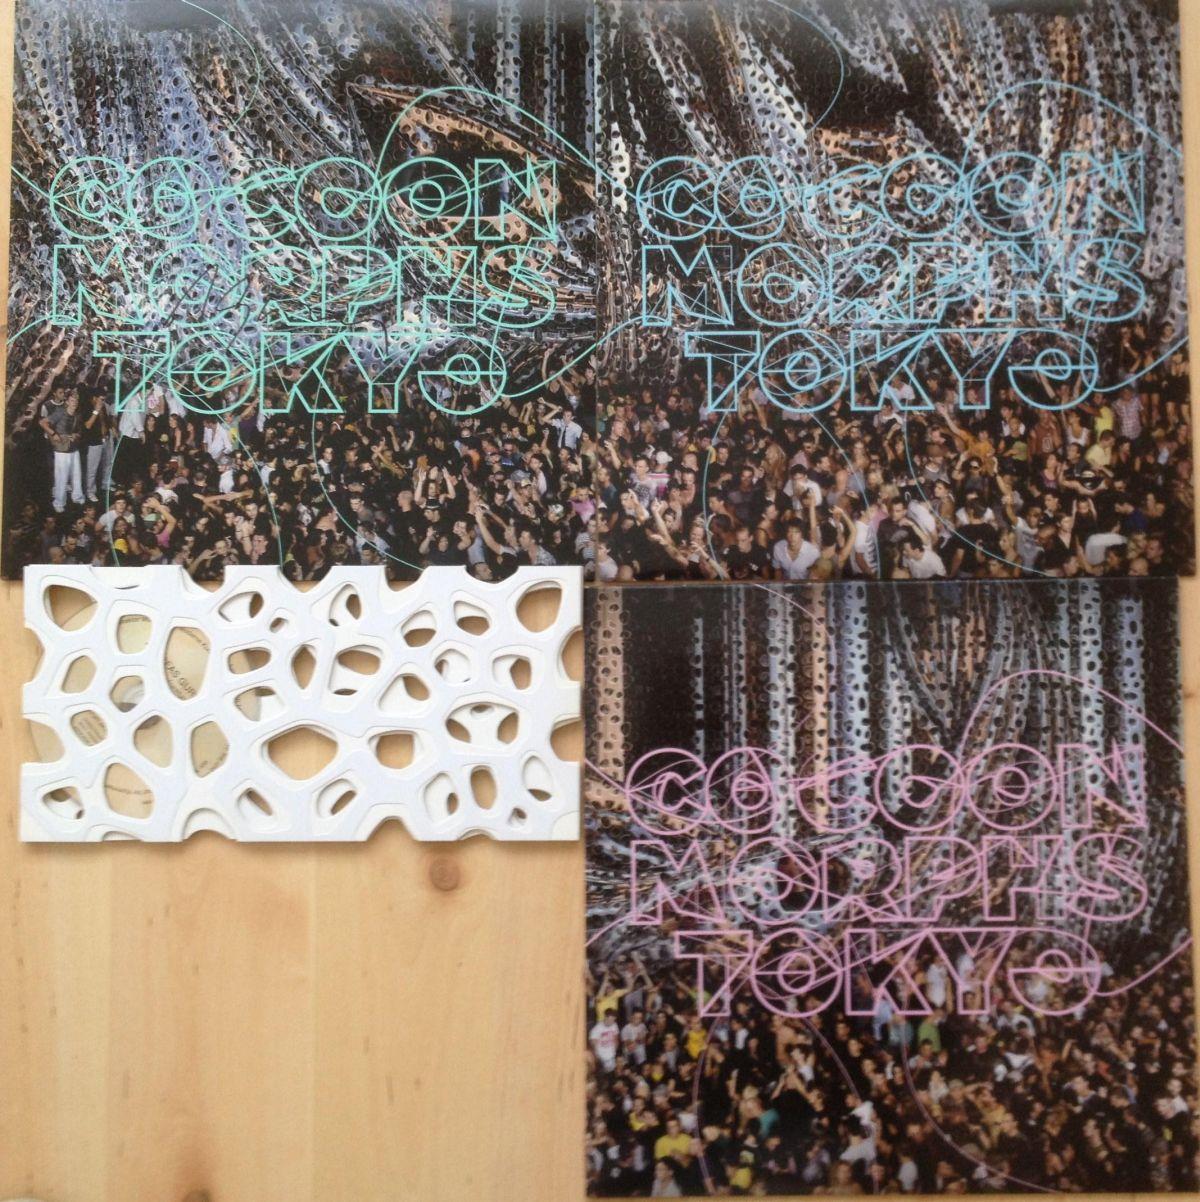 Andreas Gursky - Cocoon Morphs Tokyo 2008, Part III handsigniert kopen? Bied vanaf 800!